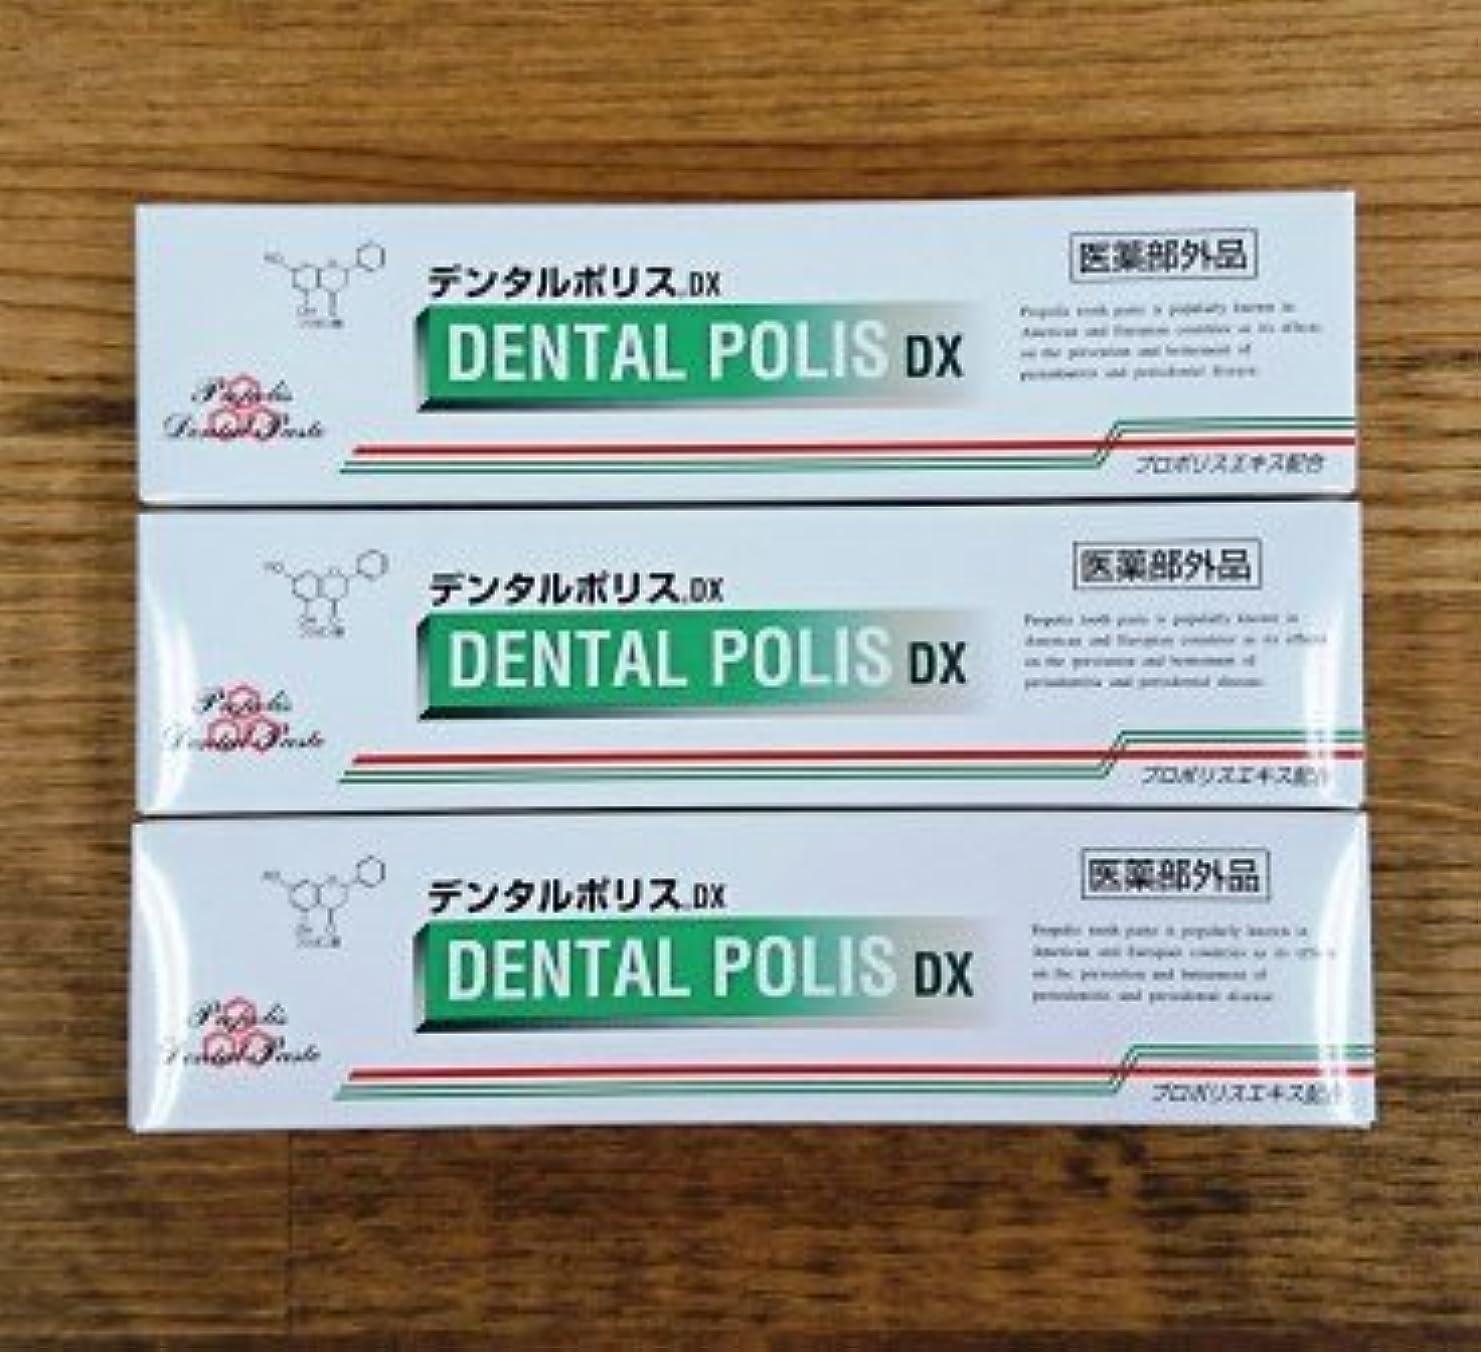 ラッドヤードキップリングバッグどこでもデンタルポリスDX80g×3本セット 医薬部外品  歯みがき